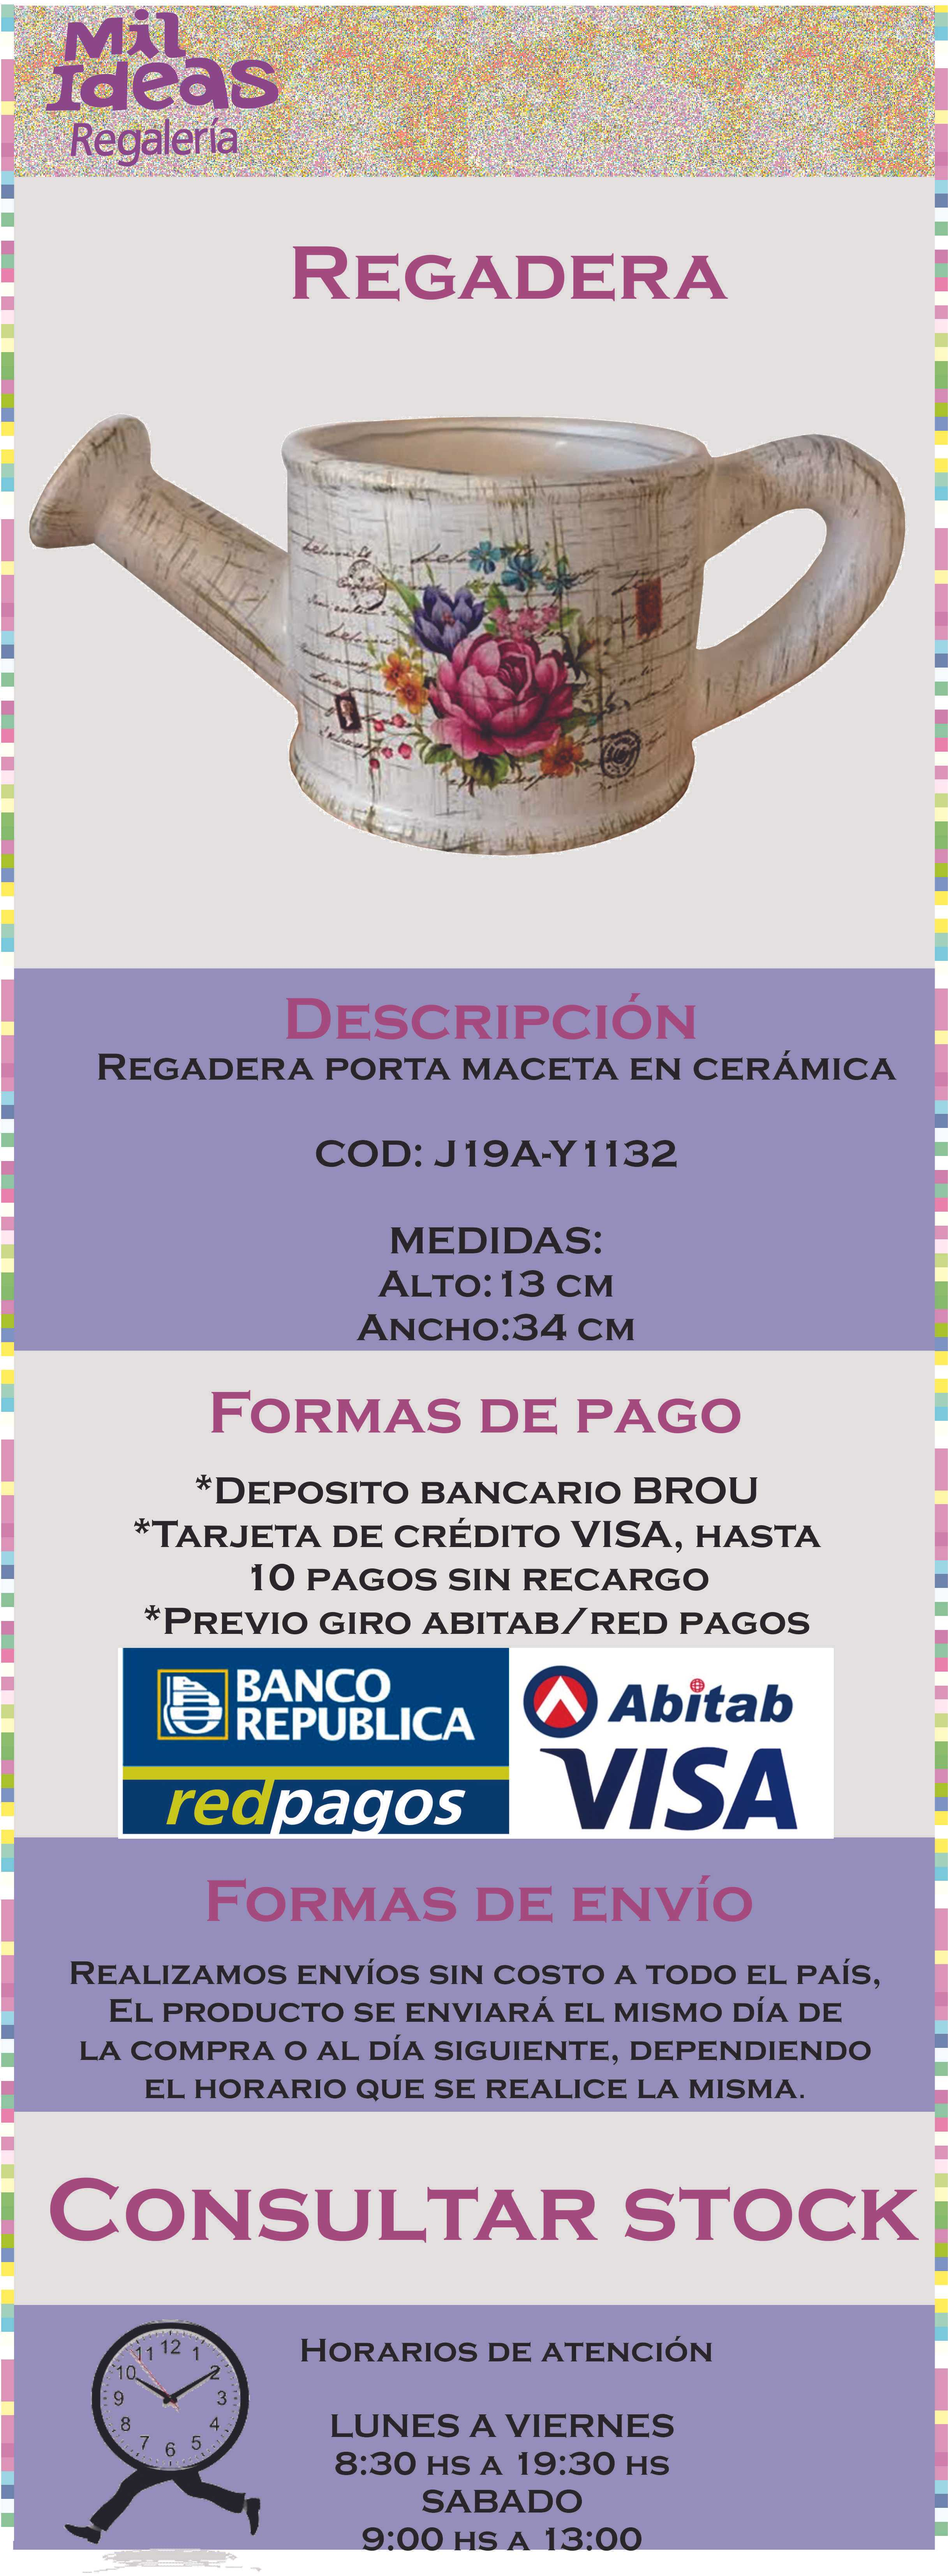 Regadera porta maceta adorno 799 00 en mercado libre for Regaderas mercado libre